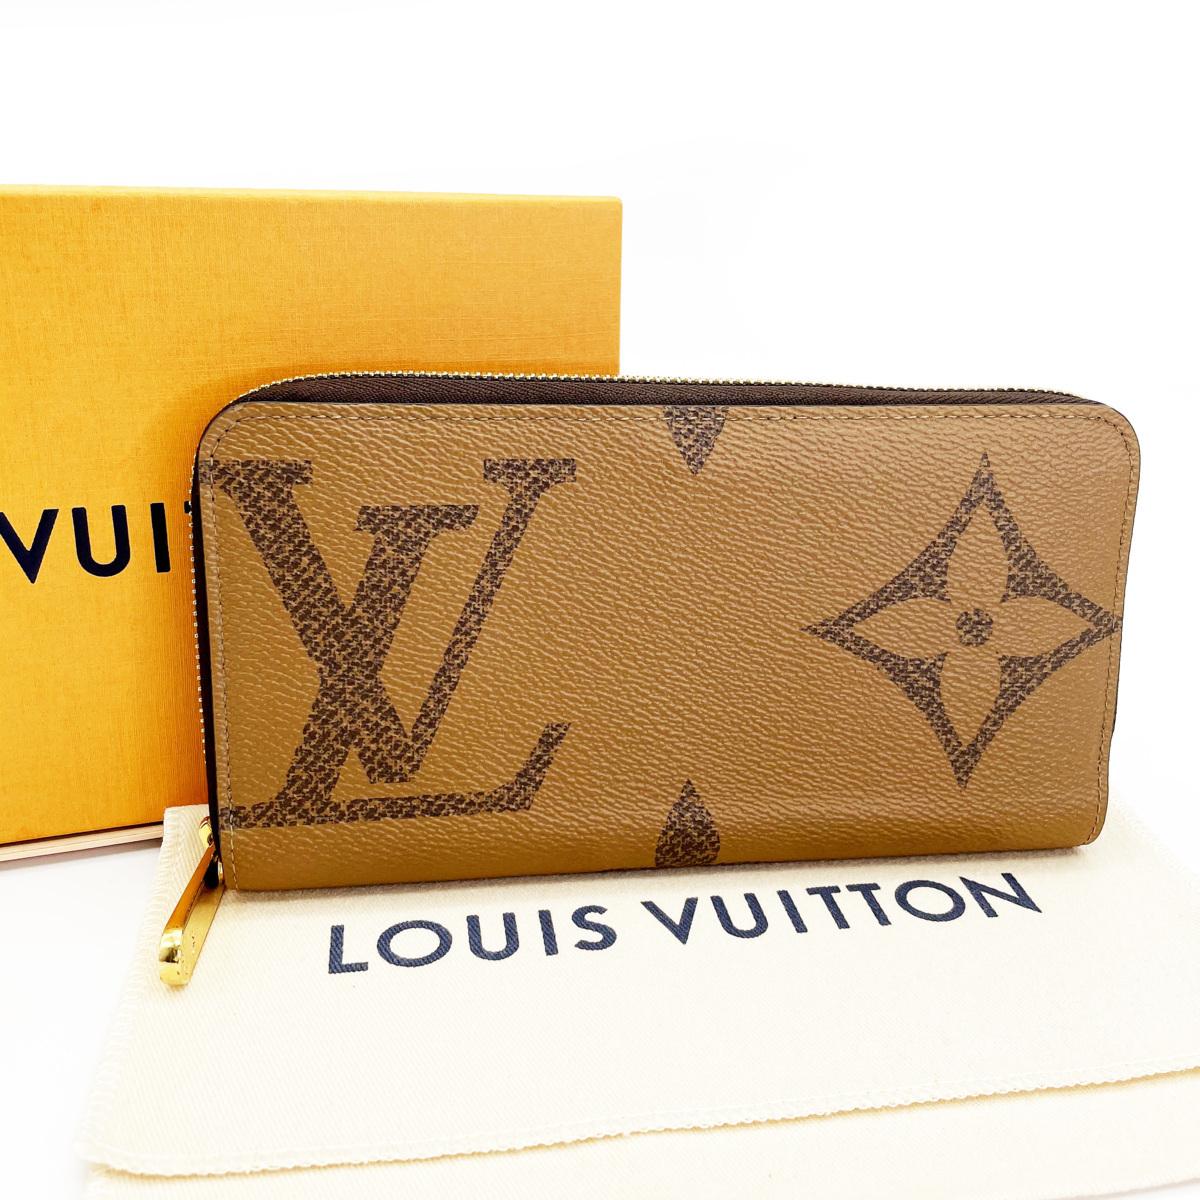 ■ 1円~ ■ ルイ ヴィトン Louis Vuitton ■ ジッピー ウォレット M69353 モノグラム ジャイアント リバース キャンバス 定価 ¥114,400-